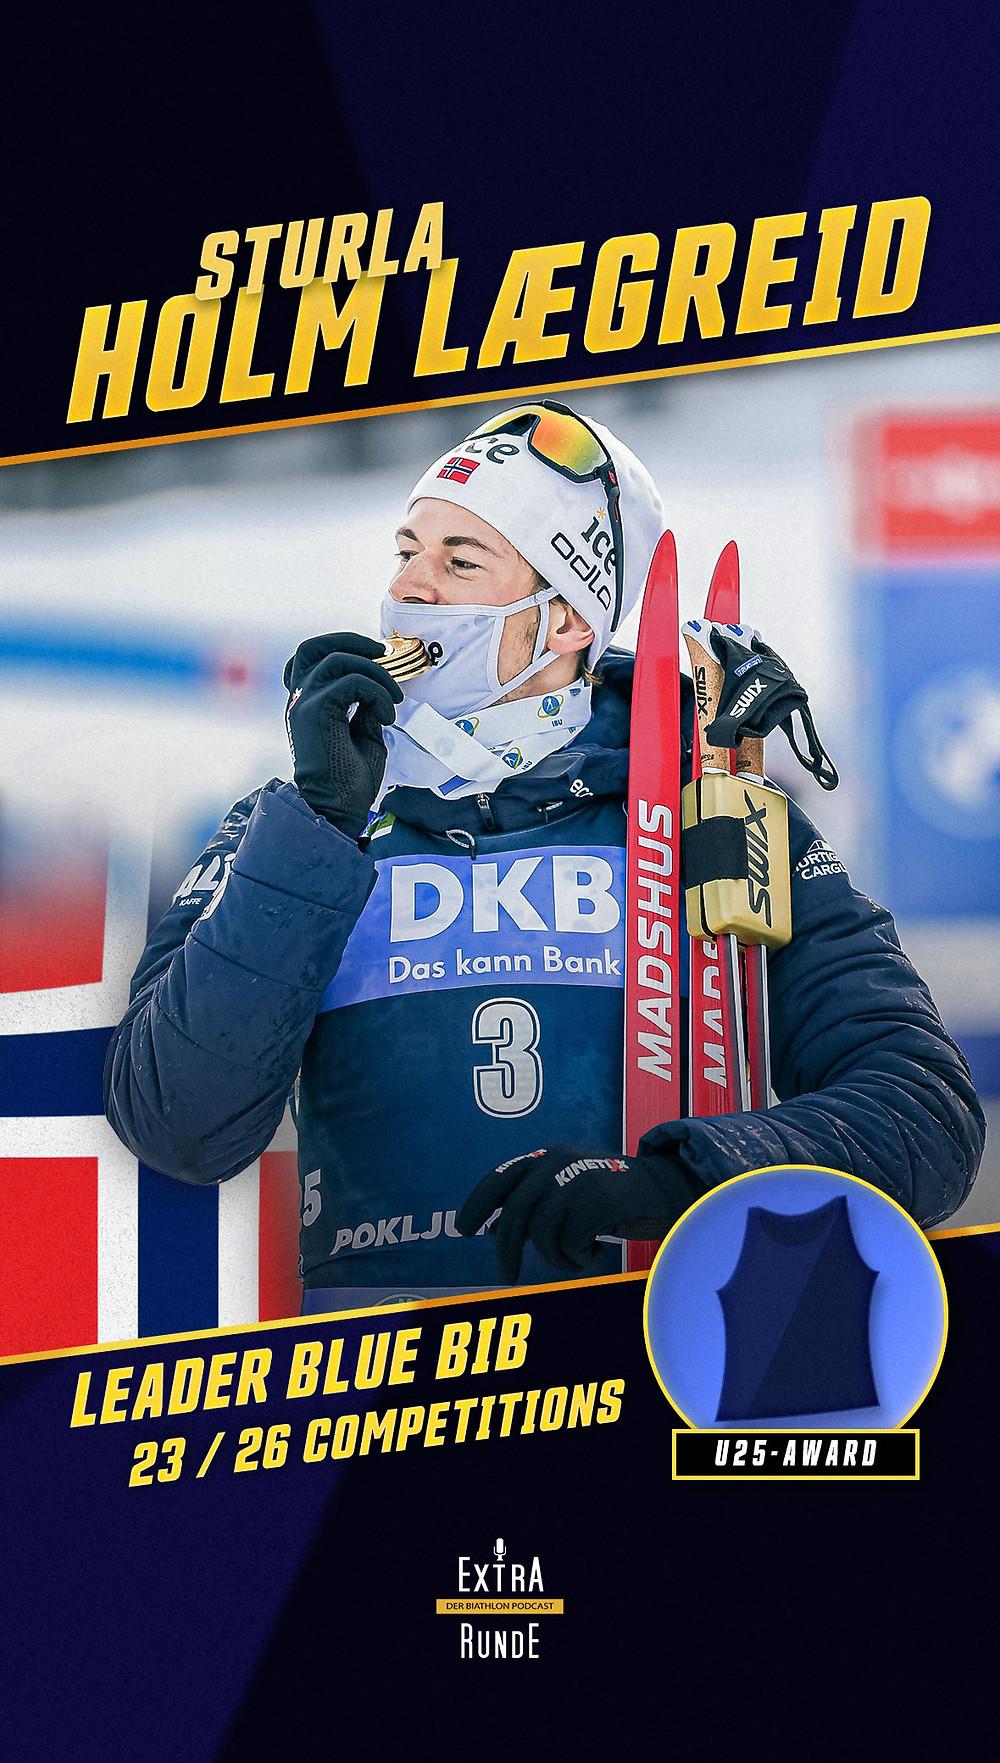 Strula Holm Lægreid führt in der Biathlon Wertung des Punktbesten unter 25 Jahren vor Johannes Dale und Sebastian Samuelsson.